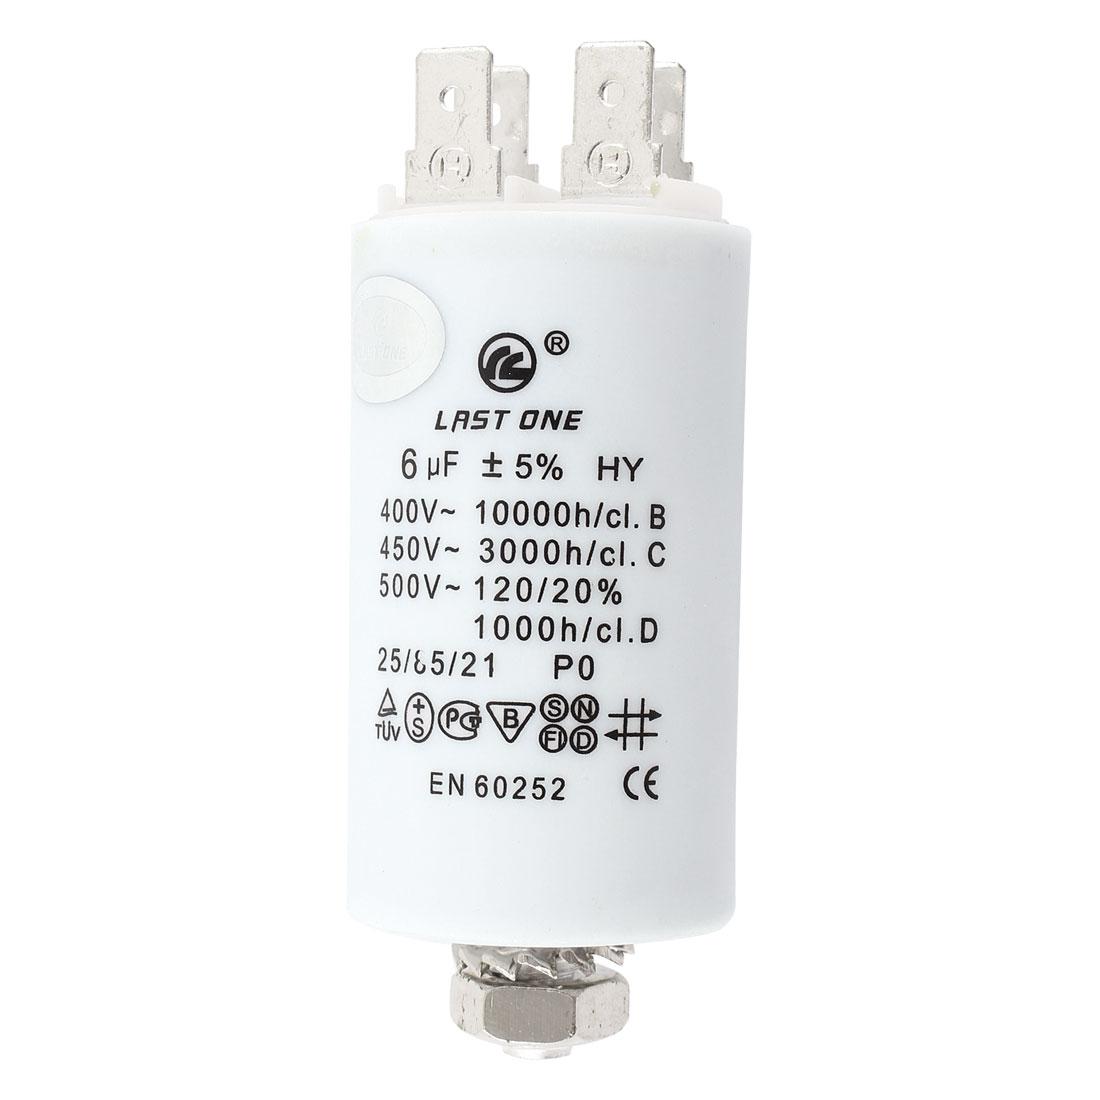 EN60252 Cylinder Shaped Motor Run Capacitor AC 400V 1000h/c 6uF